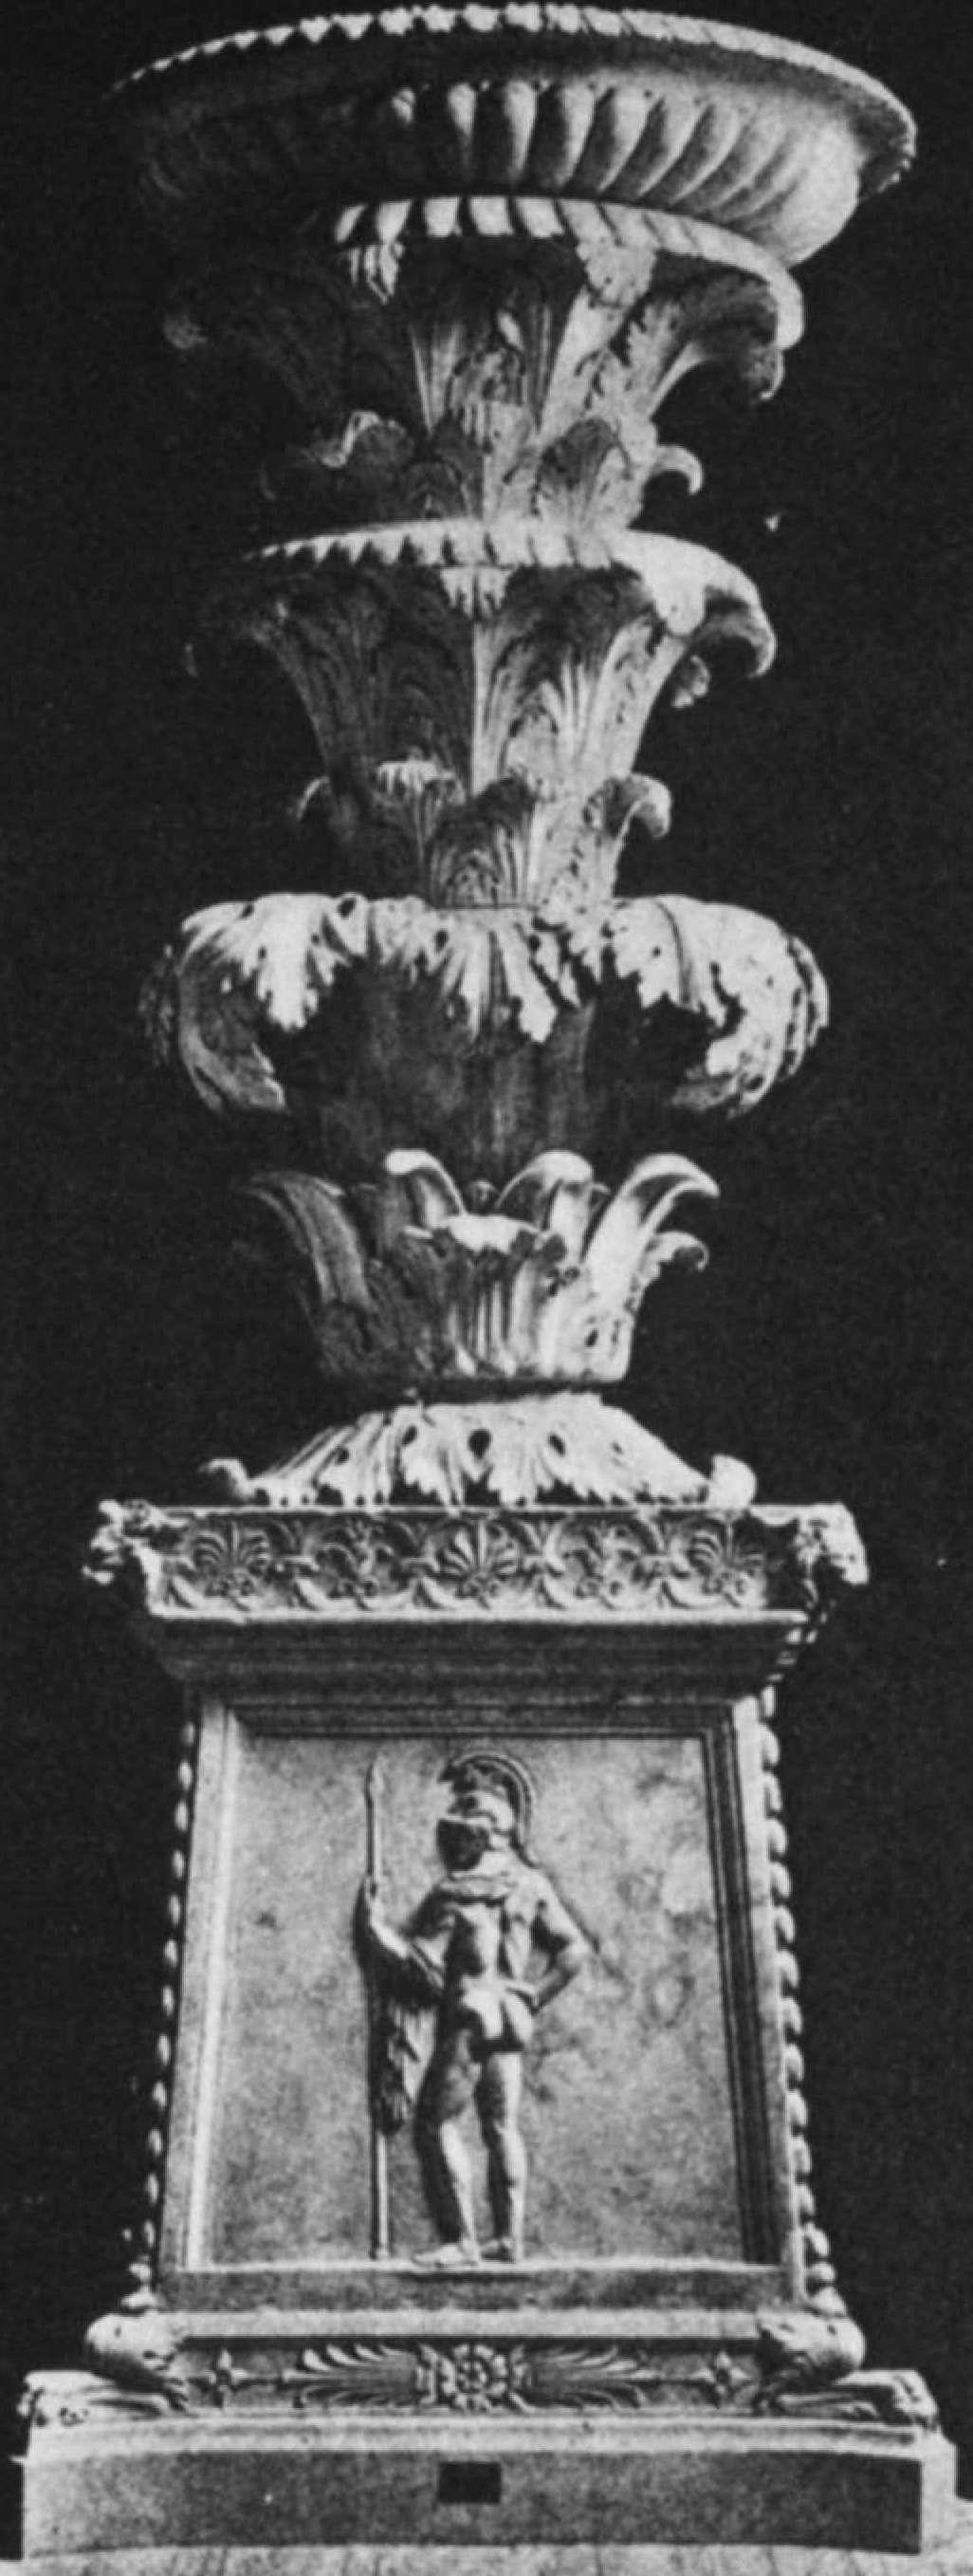 Roma, Musei Vaticani, candelabro Barberini